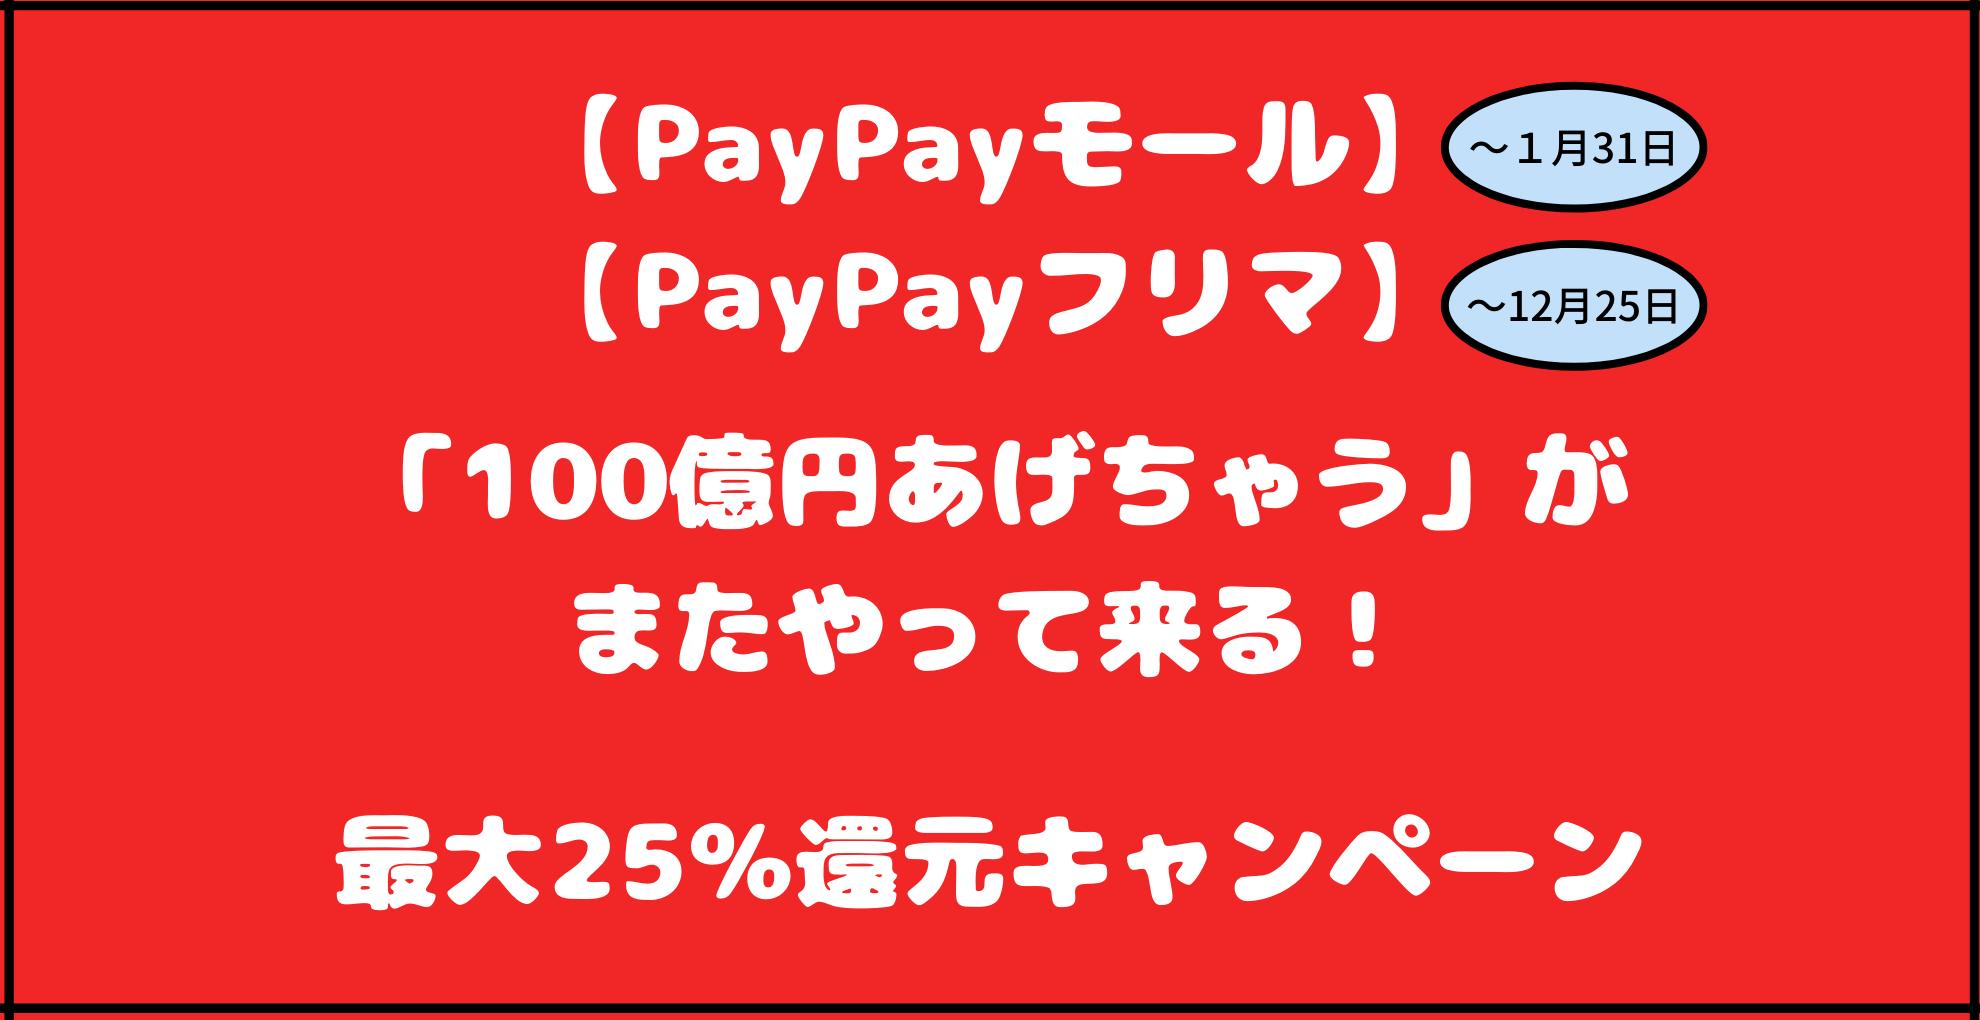 「100億円あげちゃう」がまたやって来る!【PayPayモール】【PayPayフリマ】11月に最大25%還元可能なキャンペーン